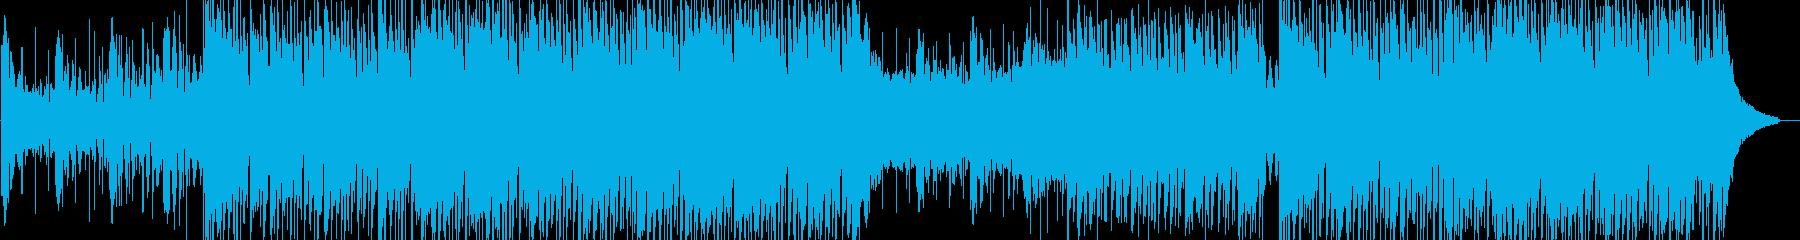 サマーパーティークラブプロモーションの再生済みの波形